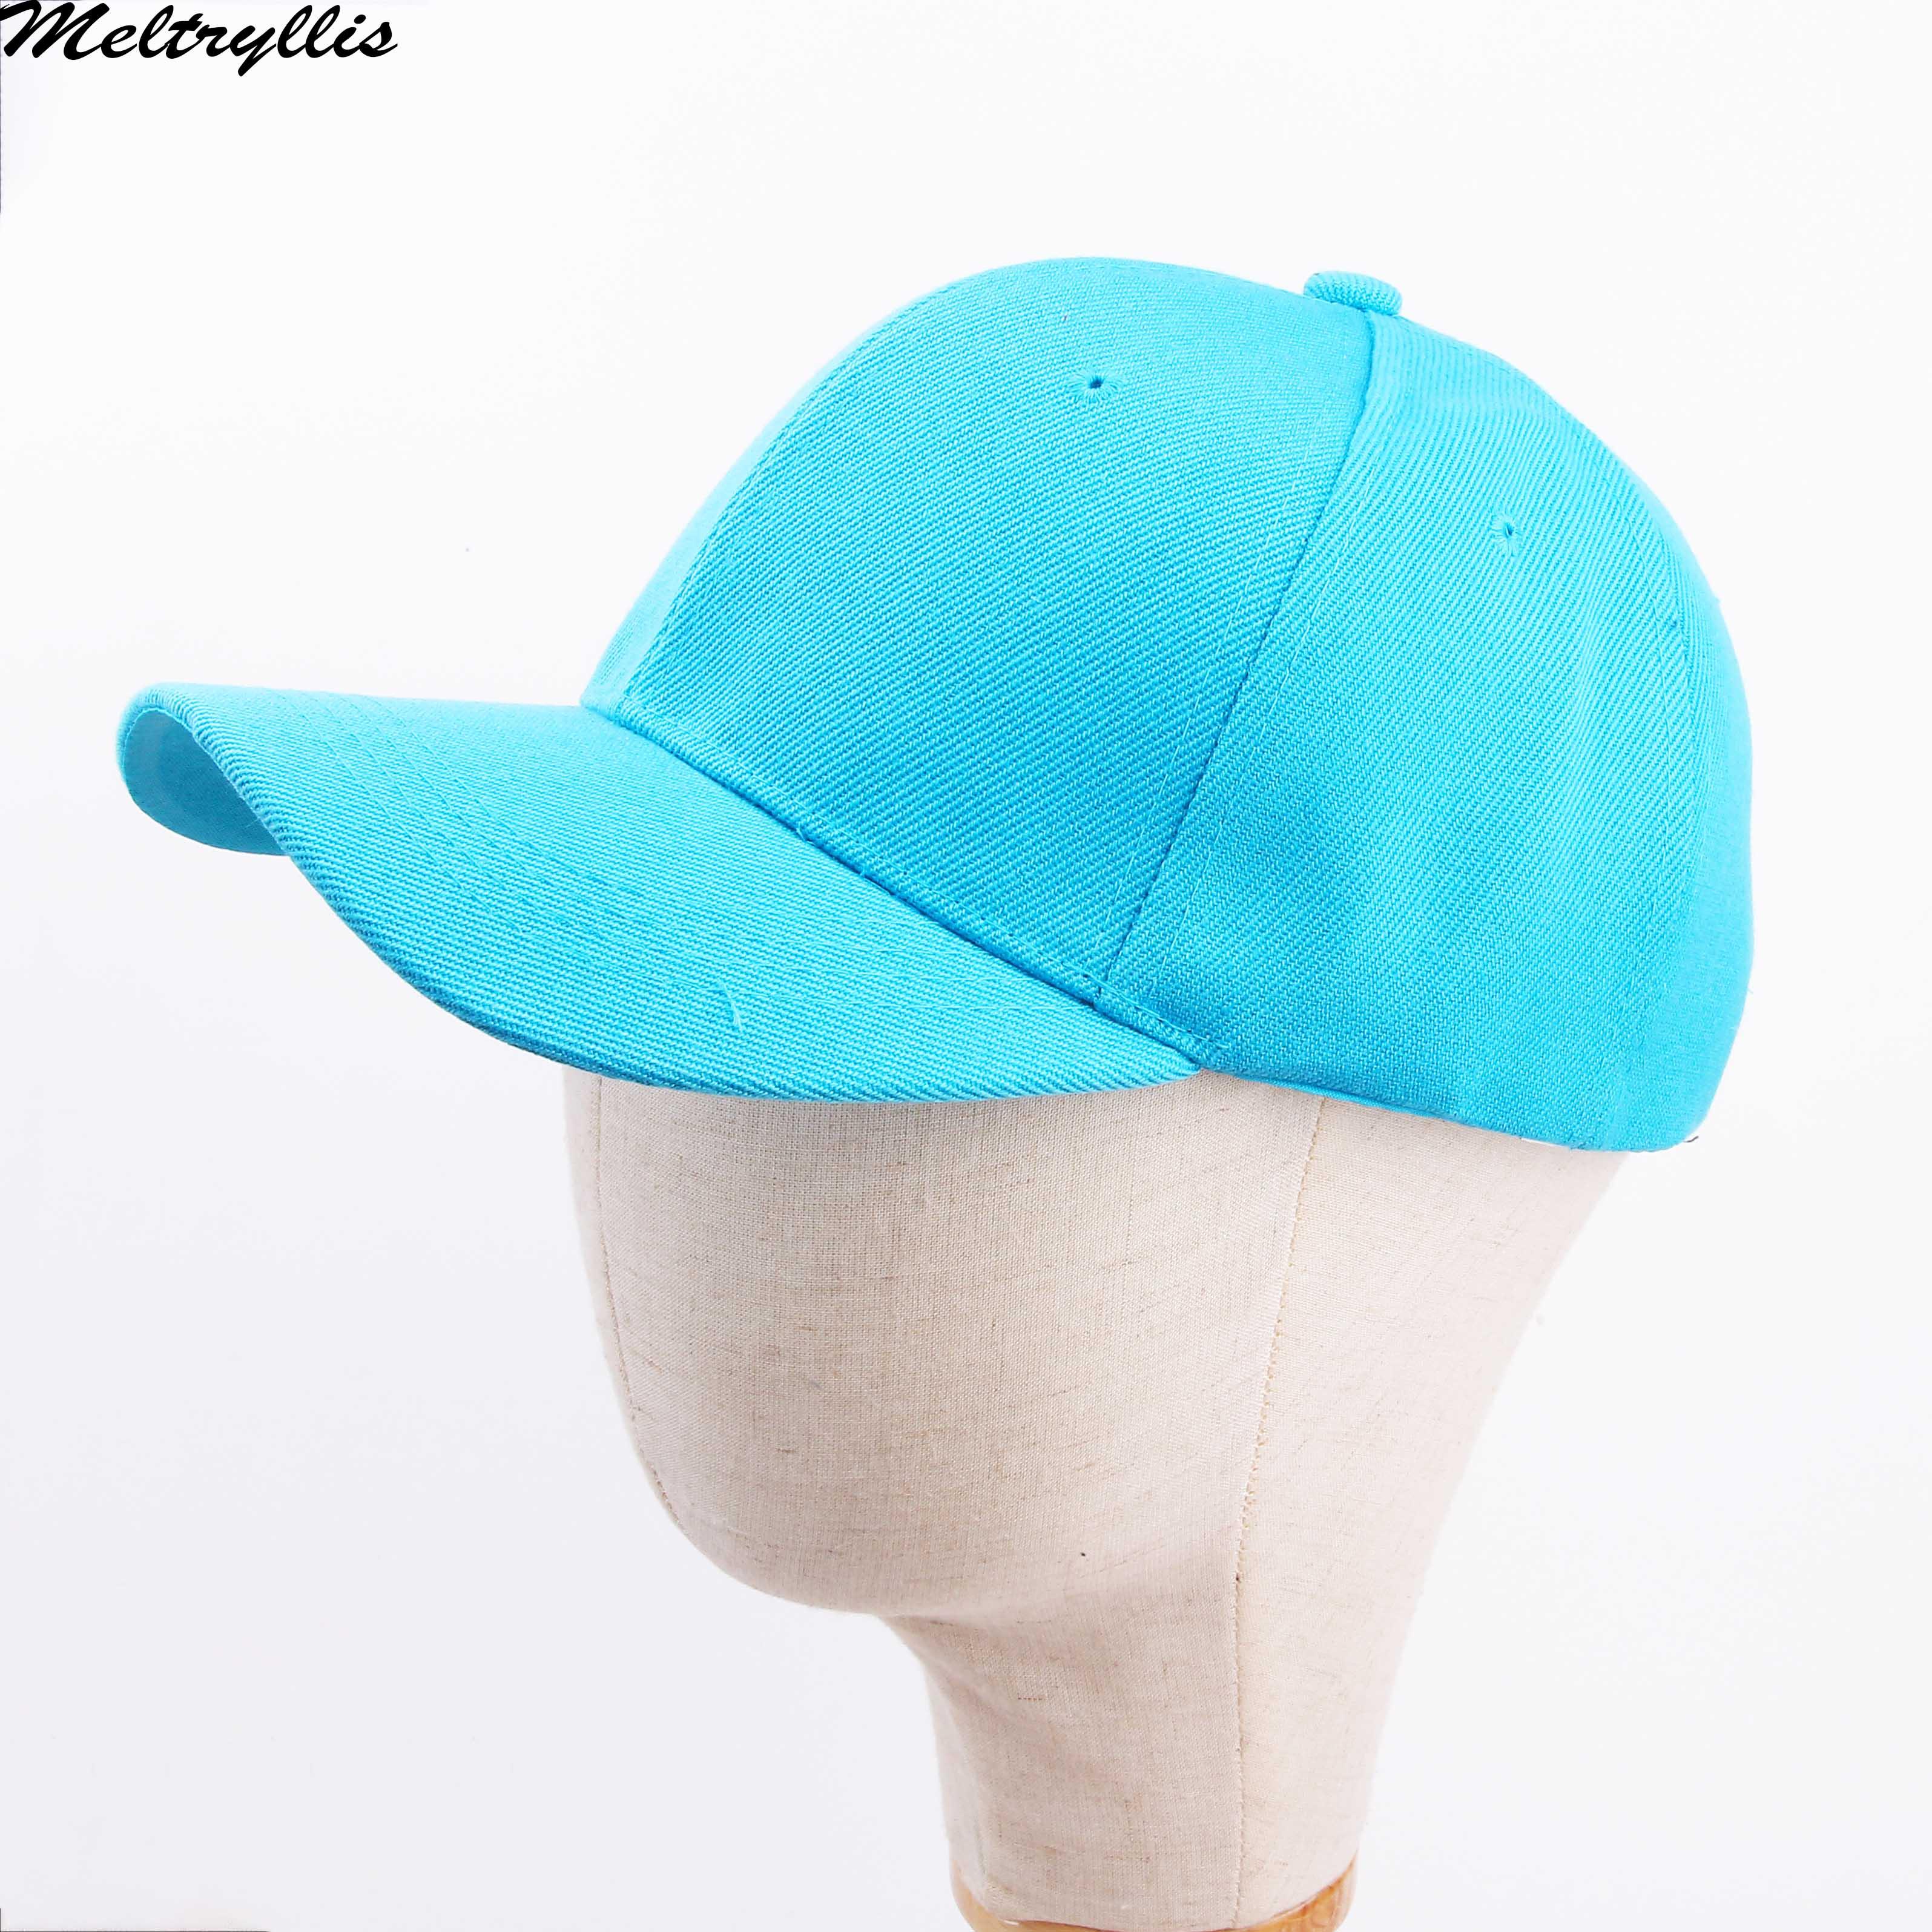 [Meltryllis] granatowy lato czapka z daszkiem bawełna wysokiej jakości regulowane niebieskie przedmioty czapki tata kapelusz odkryty czapki dla mężczyzn kobiet